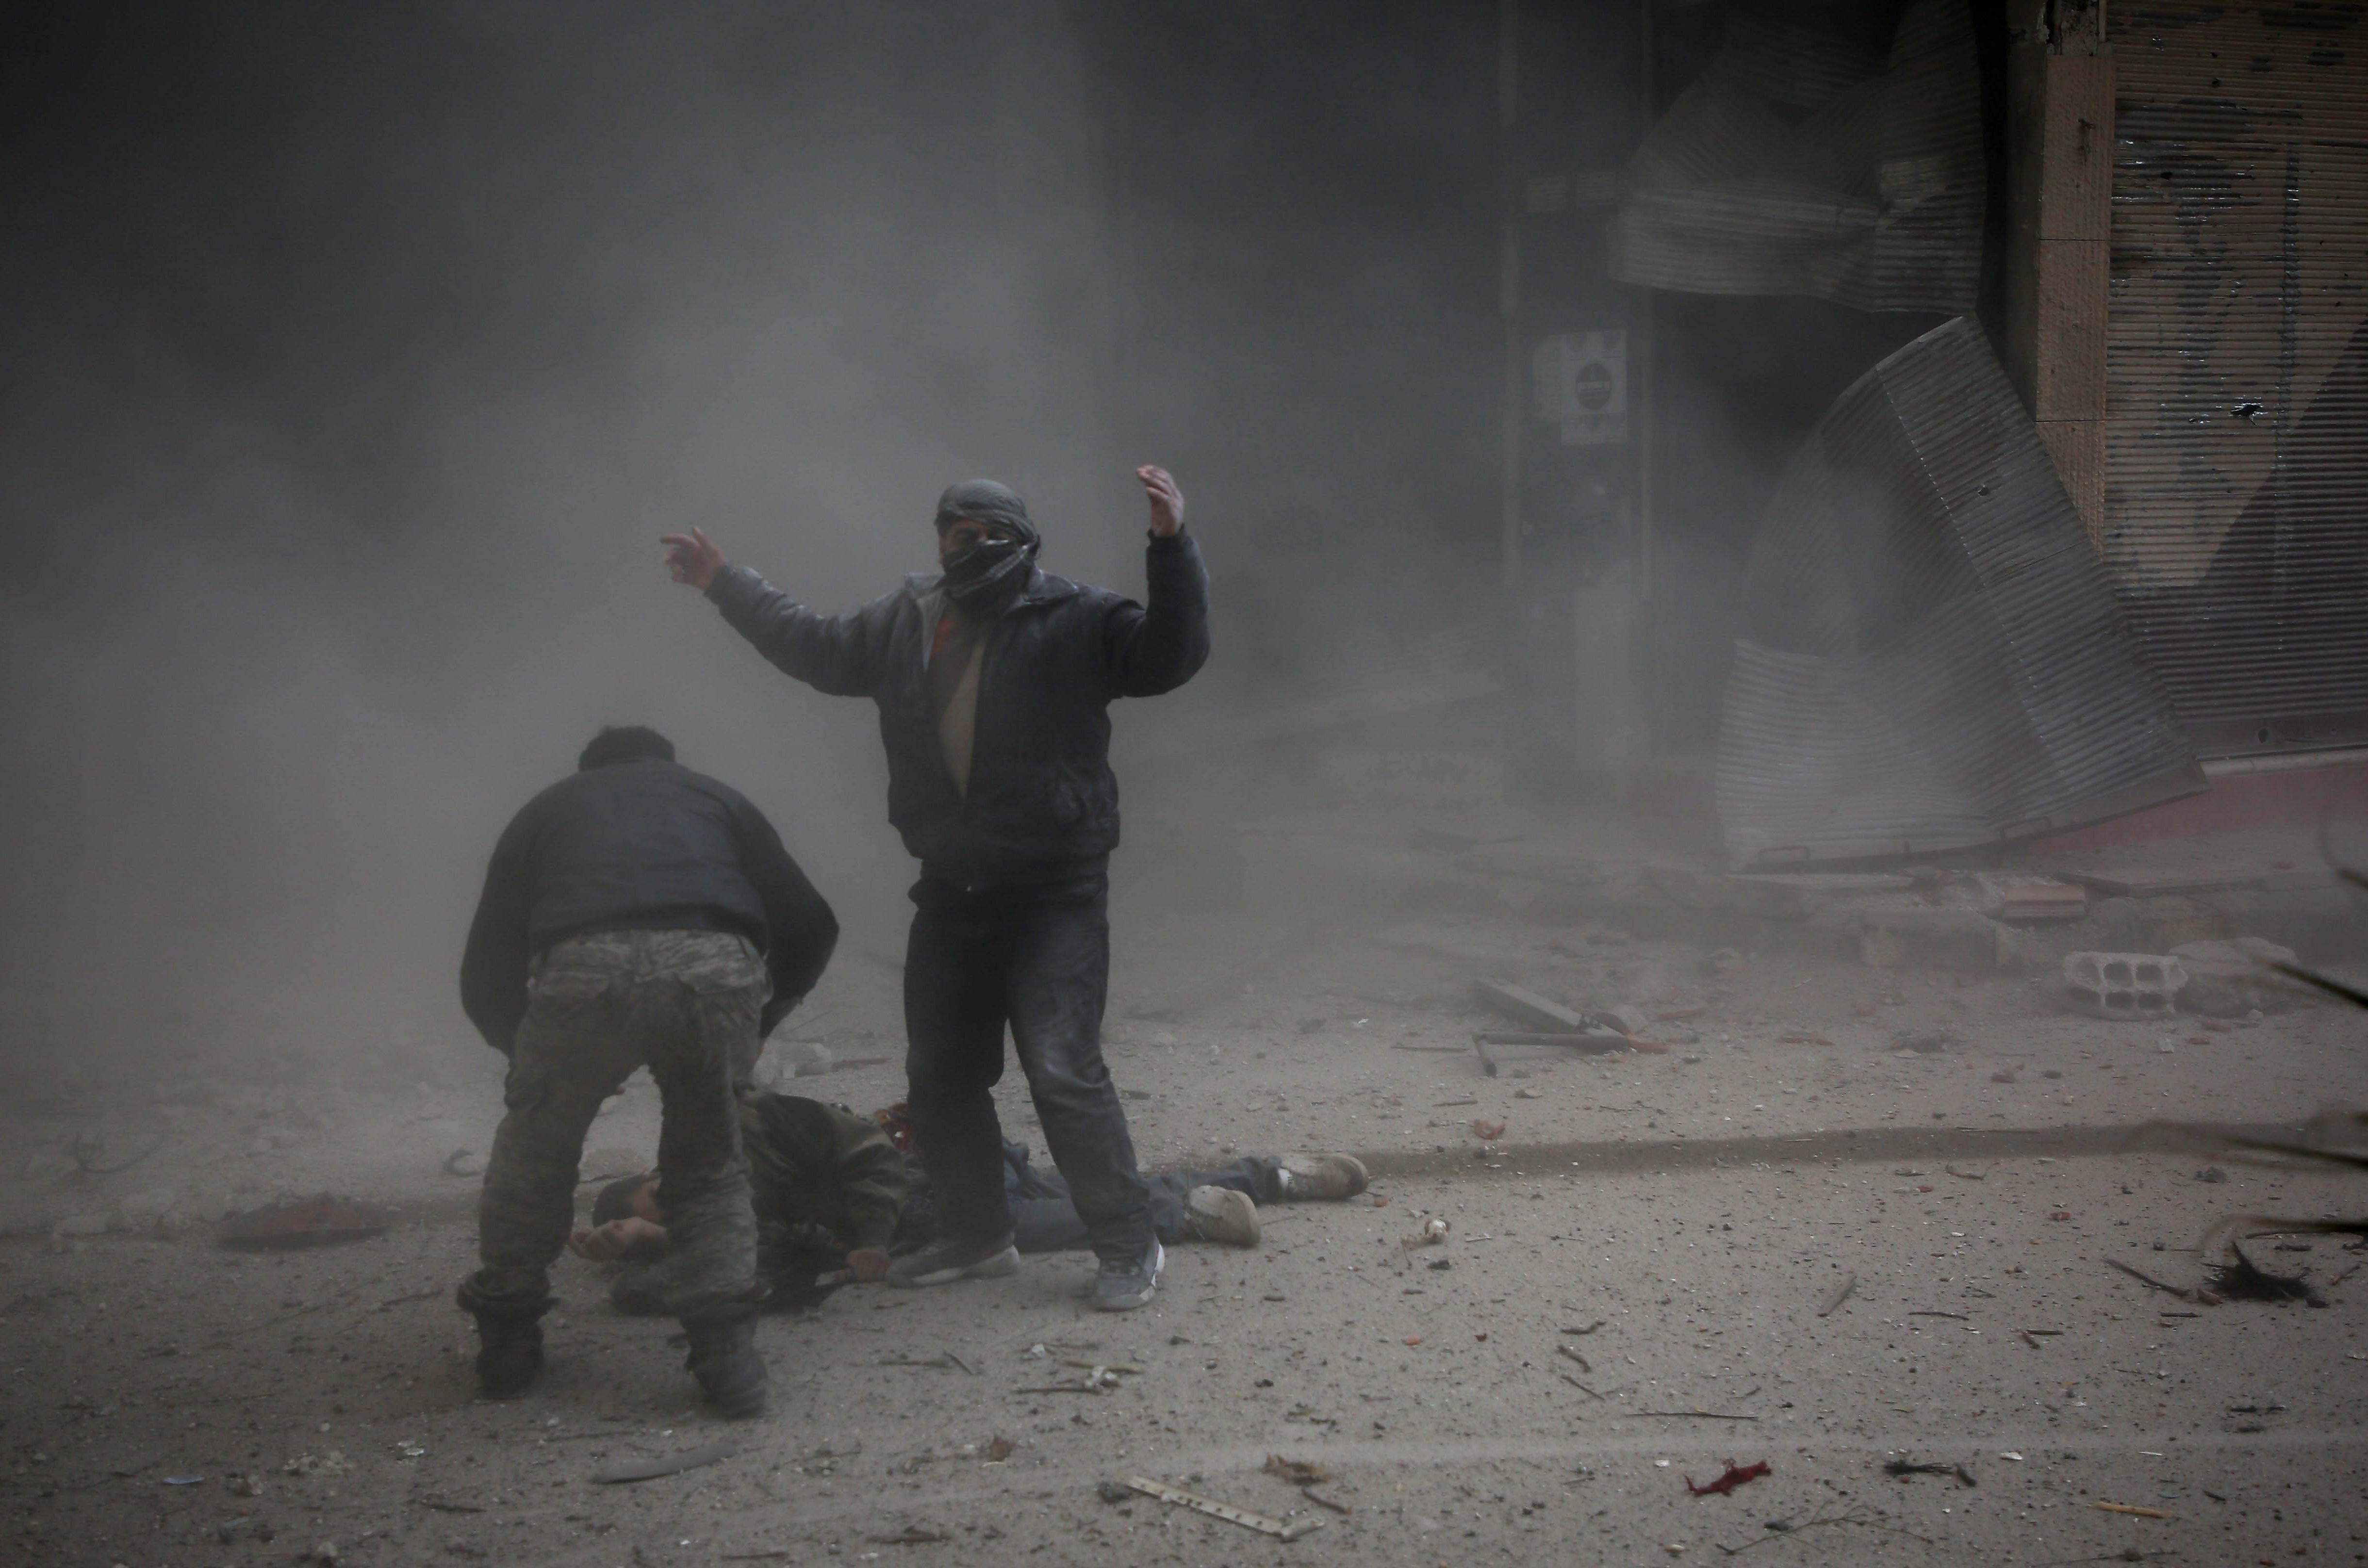 Berlinben őrizetbe vettek egy háborús bűncselekményekkel vádolt szíriai férfit